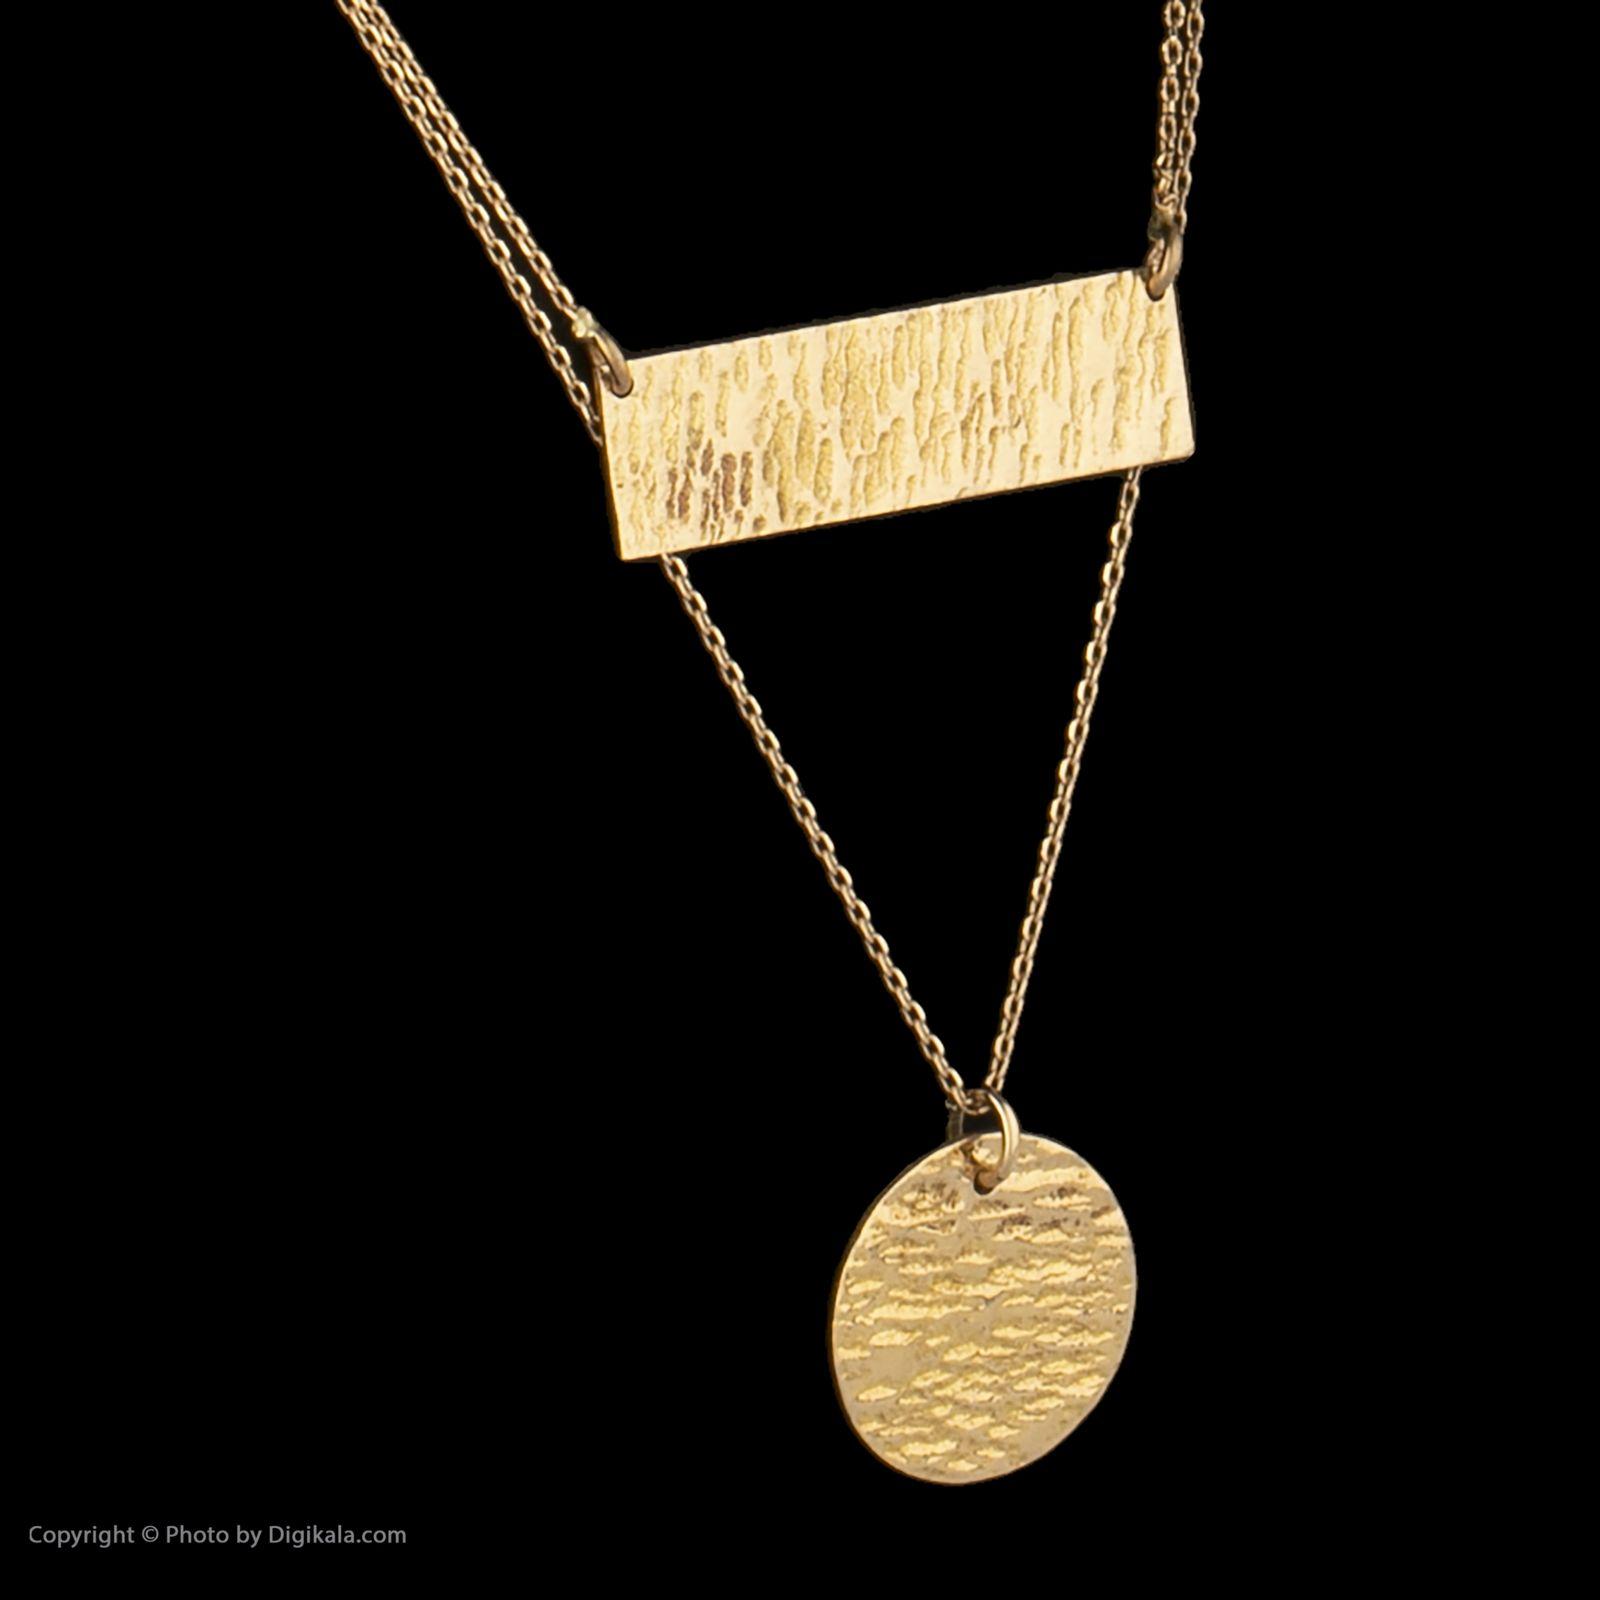 گردنبند طلا 18 عیار زنانه سنجاق مدل X077574 -  - 3